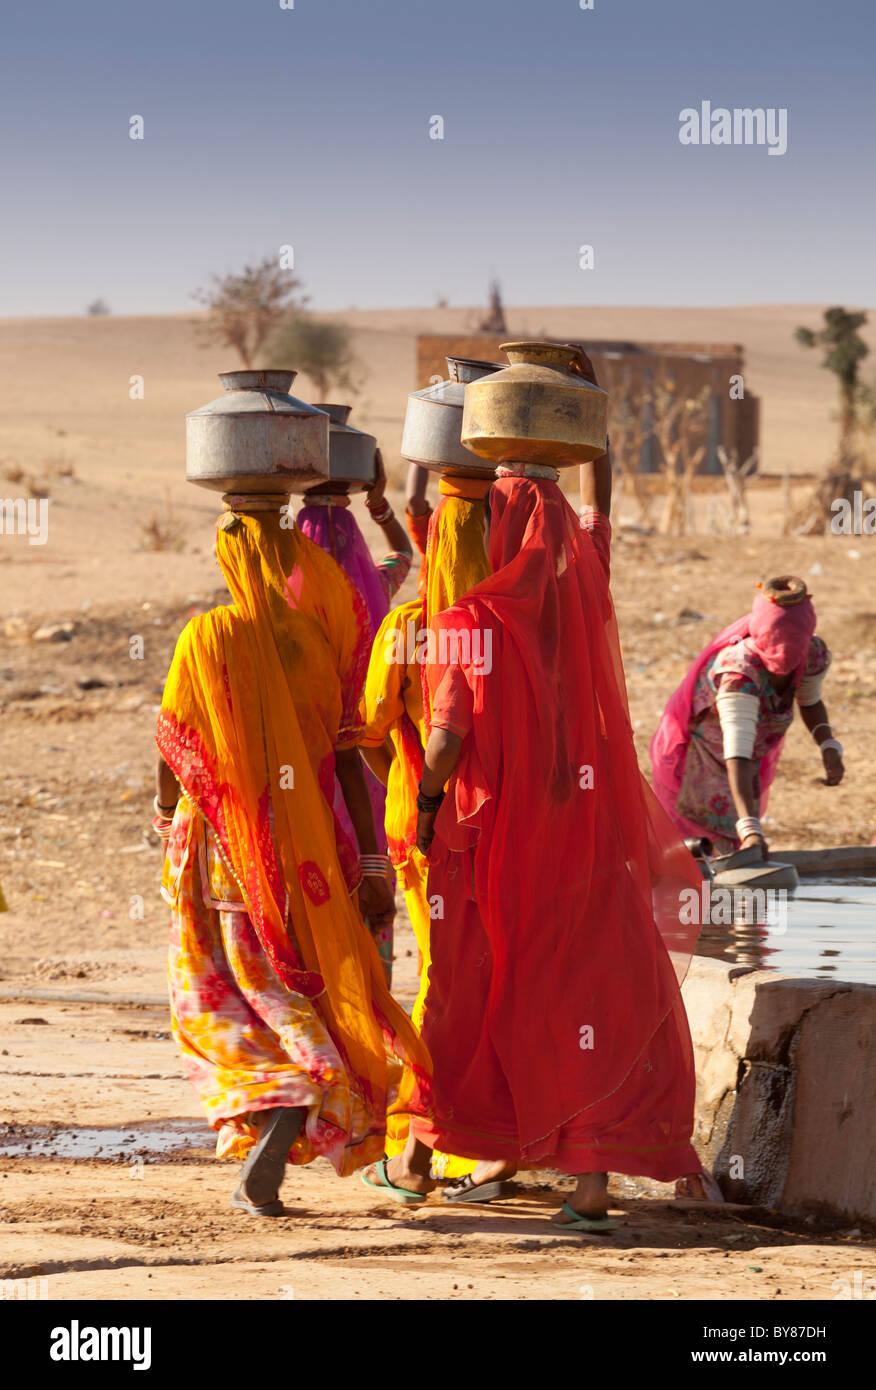 Indien, Rajasthan, Frauen tragen von Wasser in der Nähe von Dorf-tank Stockbild